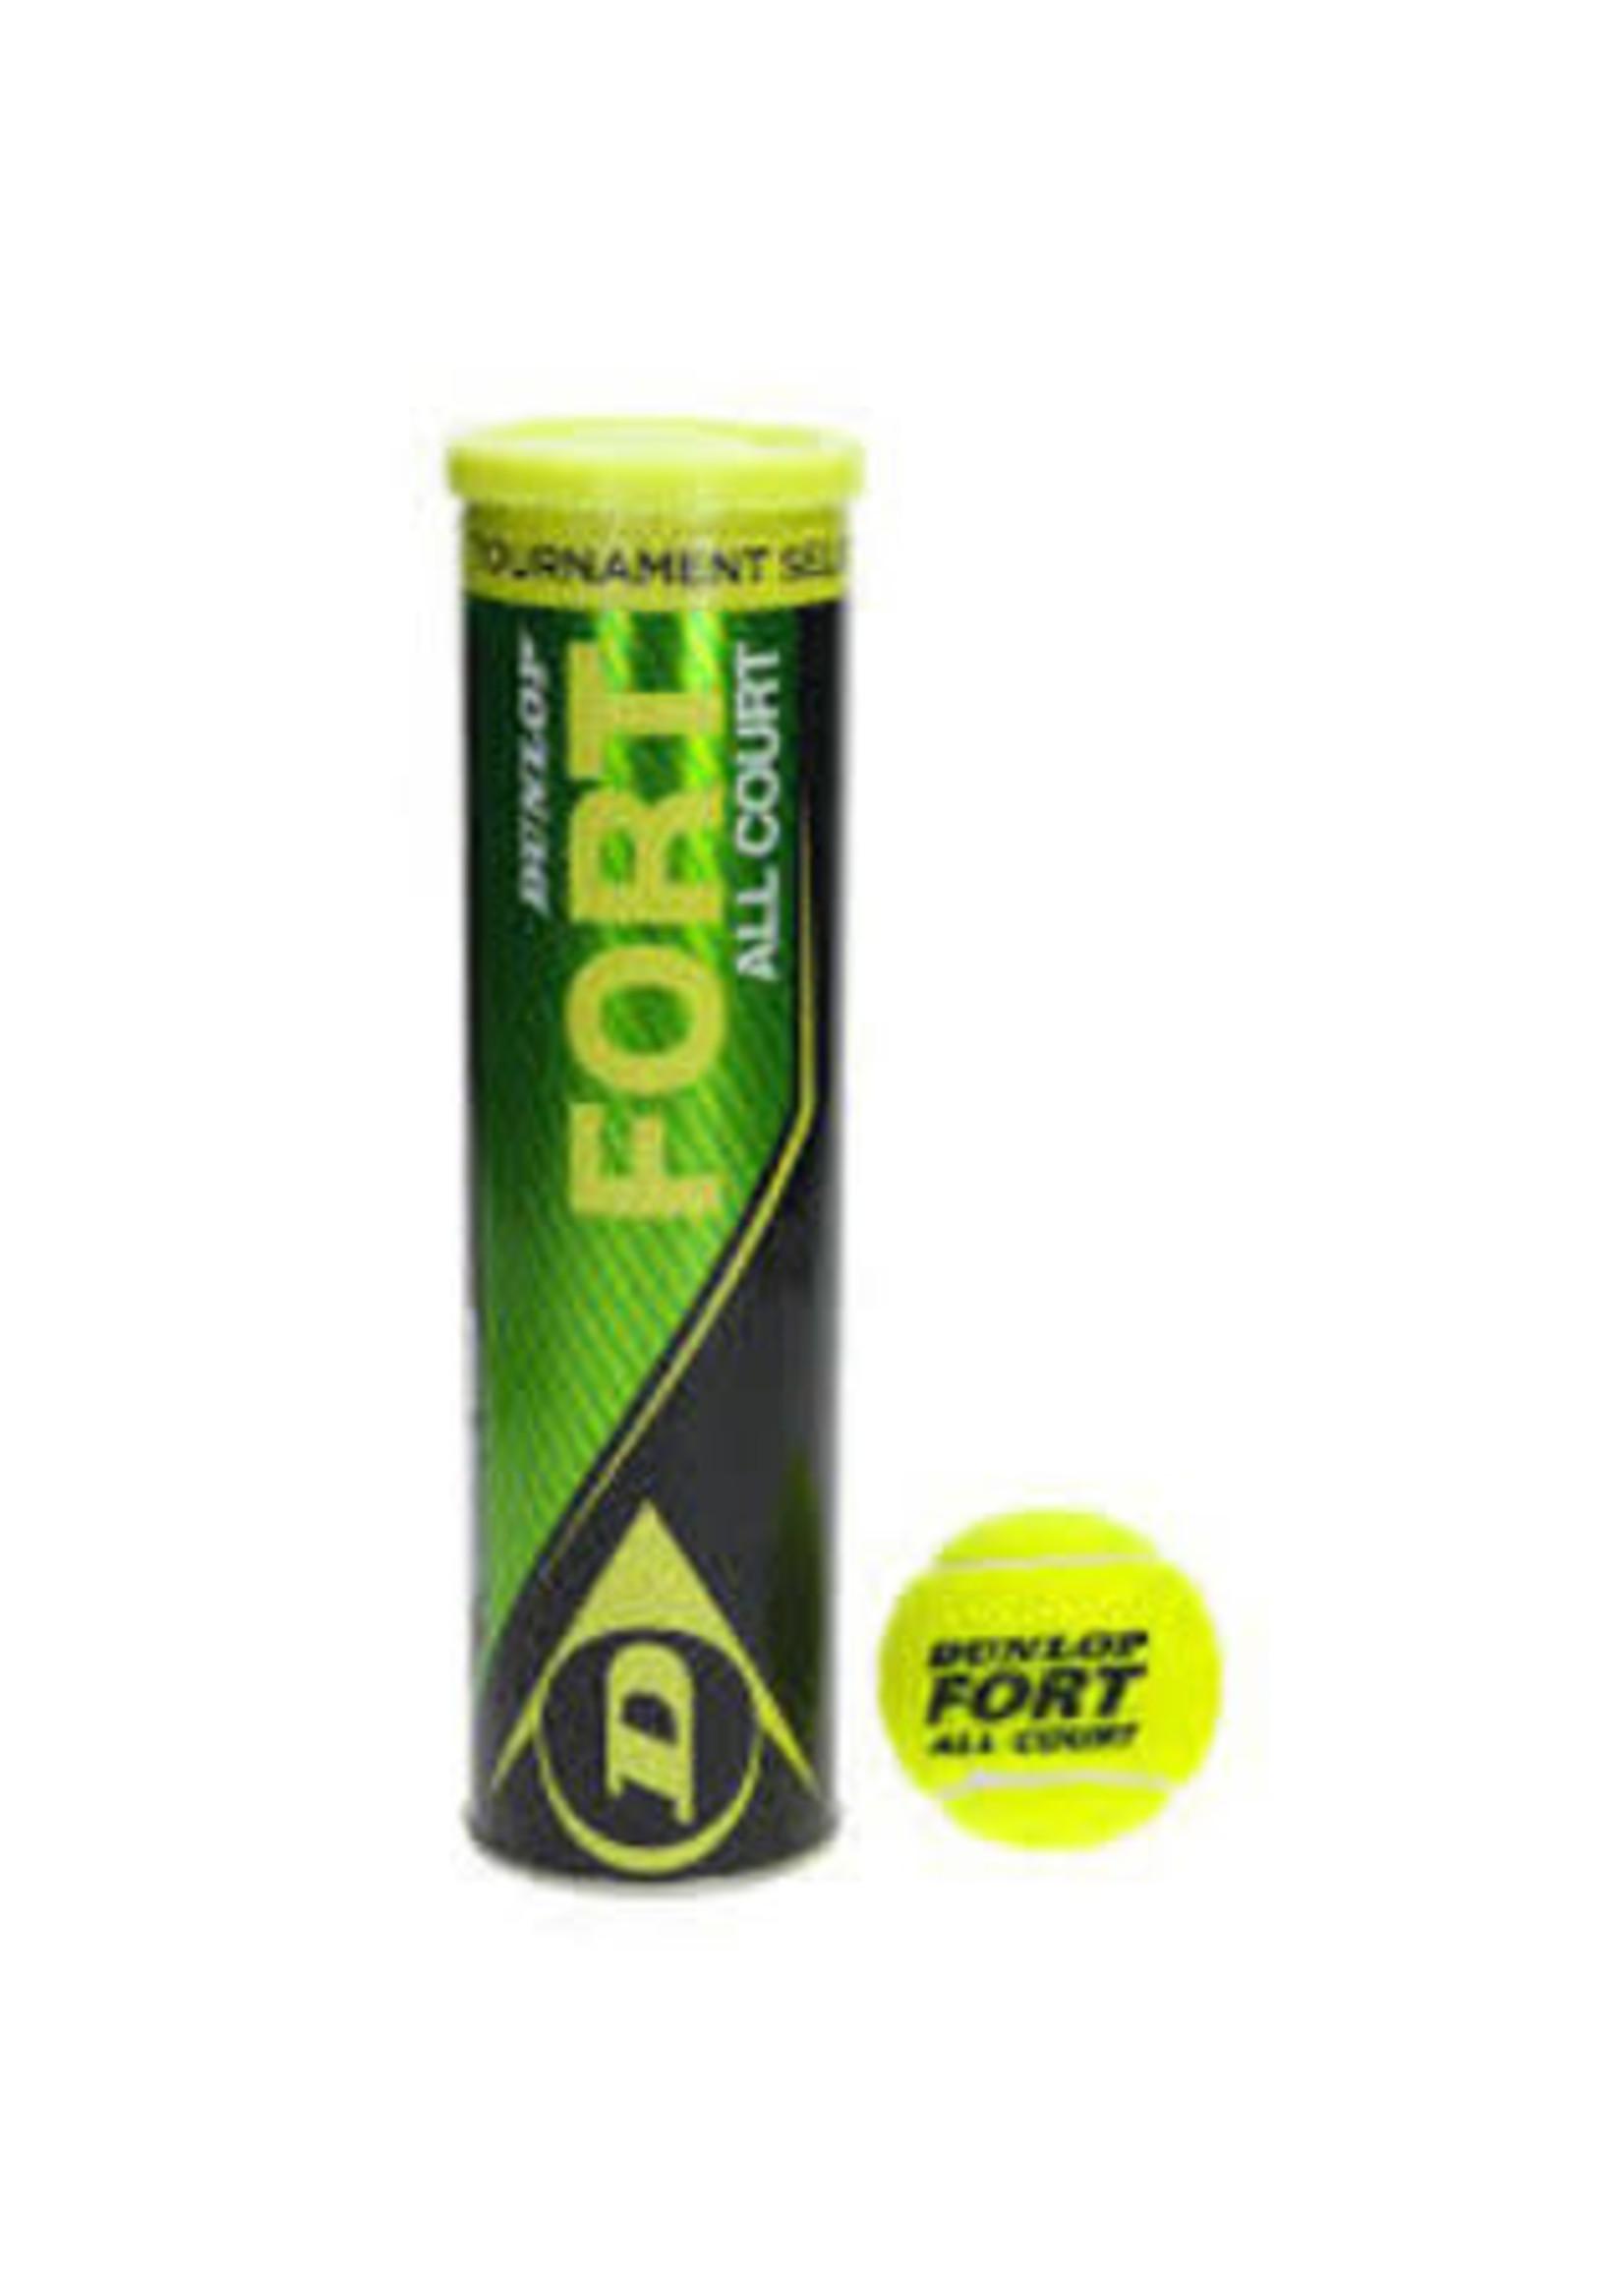 Dunlop Dunlop Fort Tennis Balls Tournament Select [4]